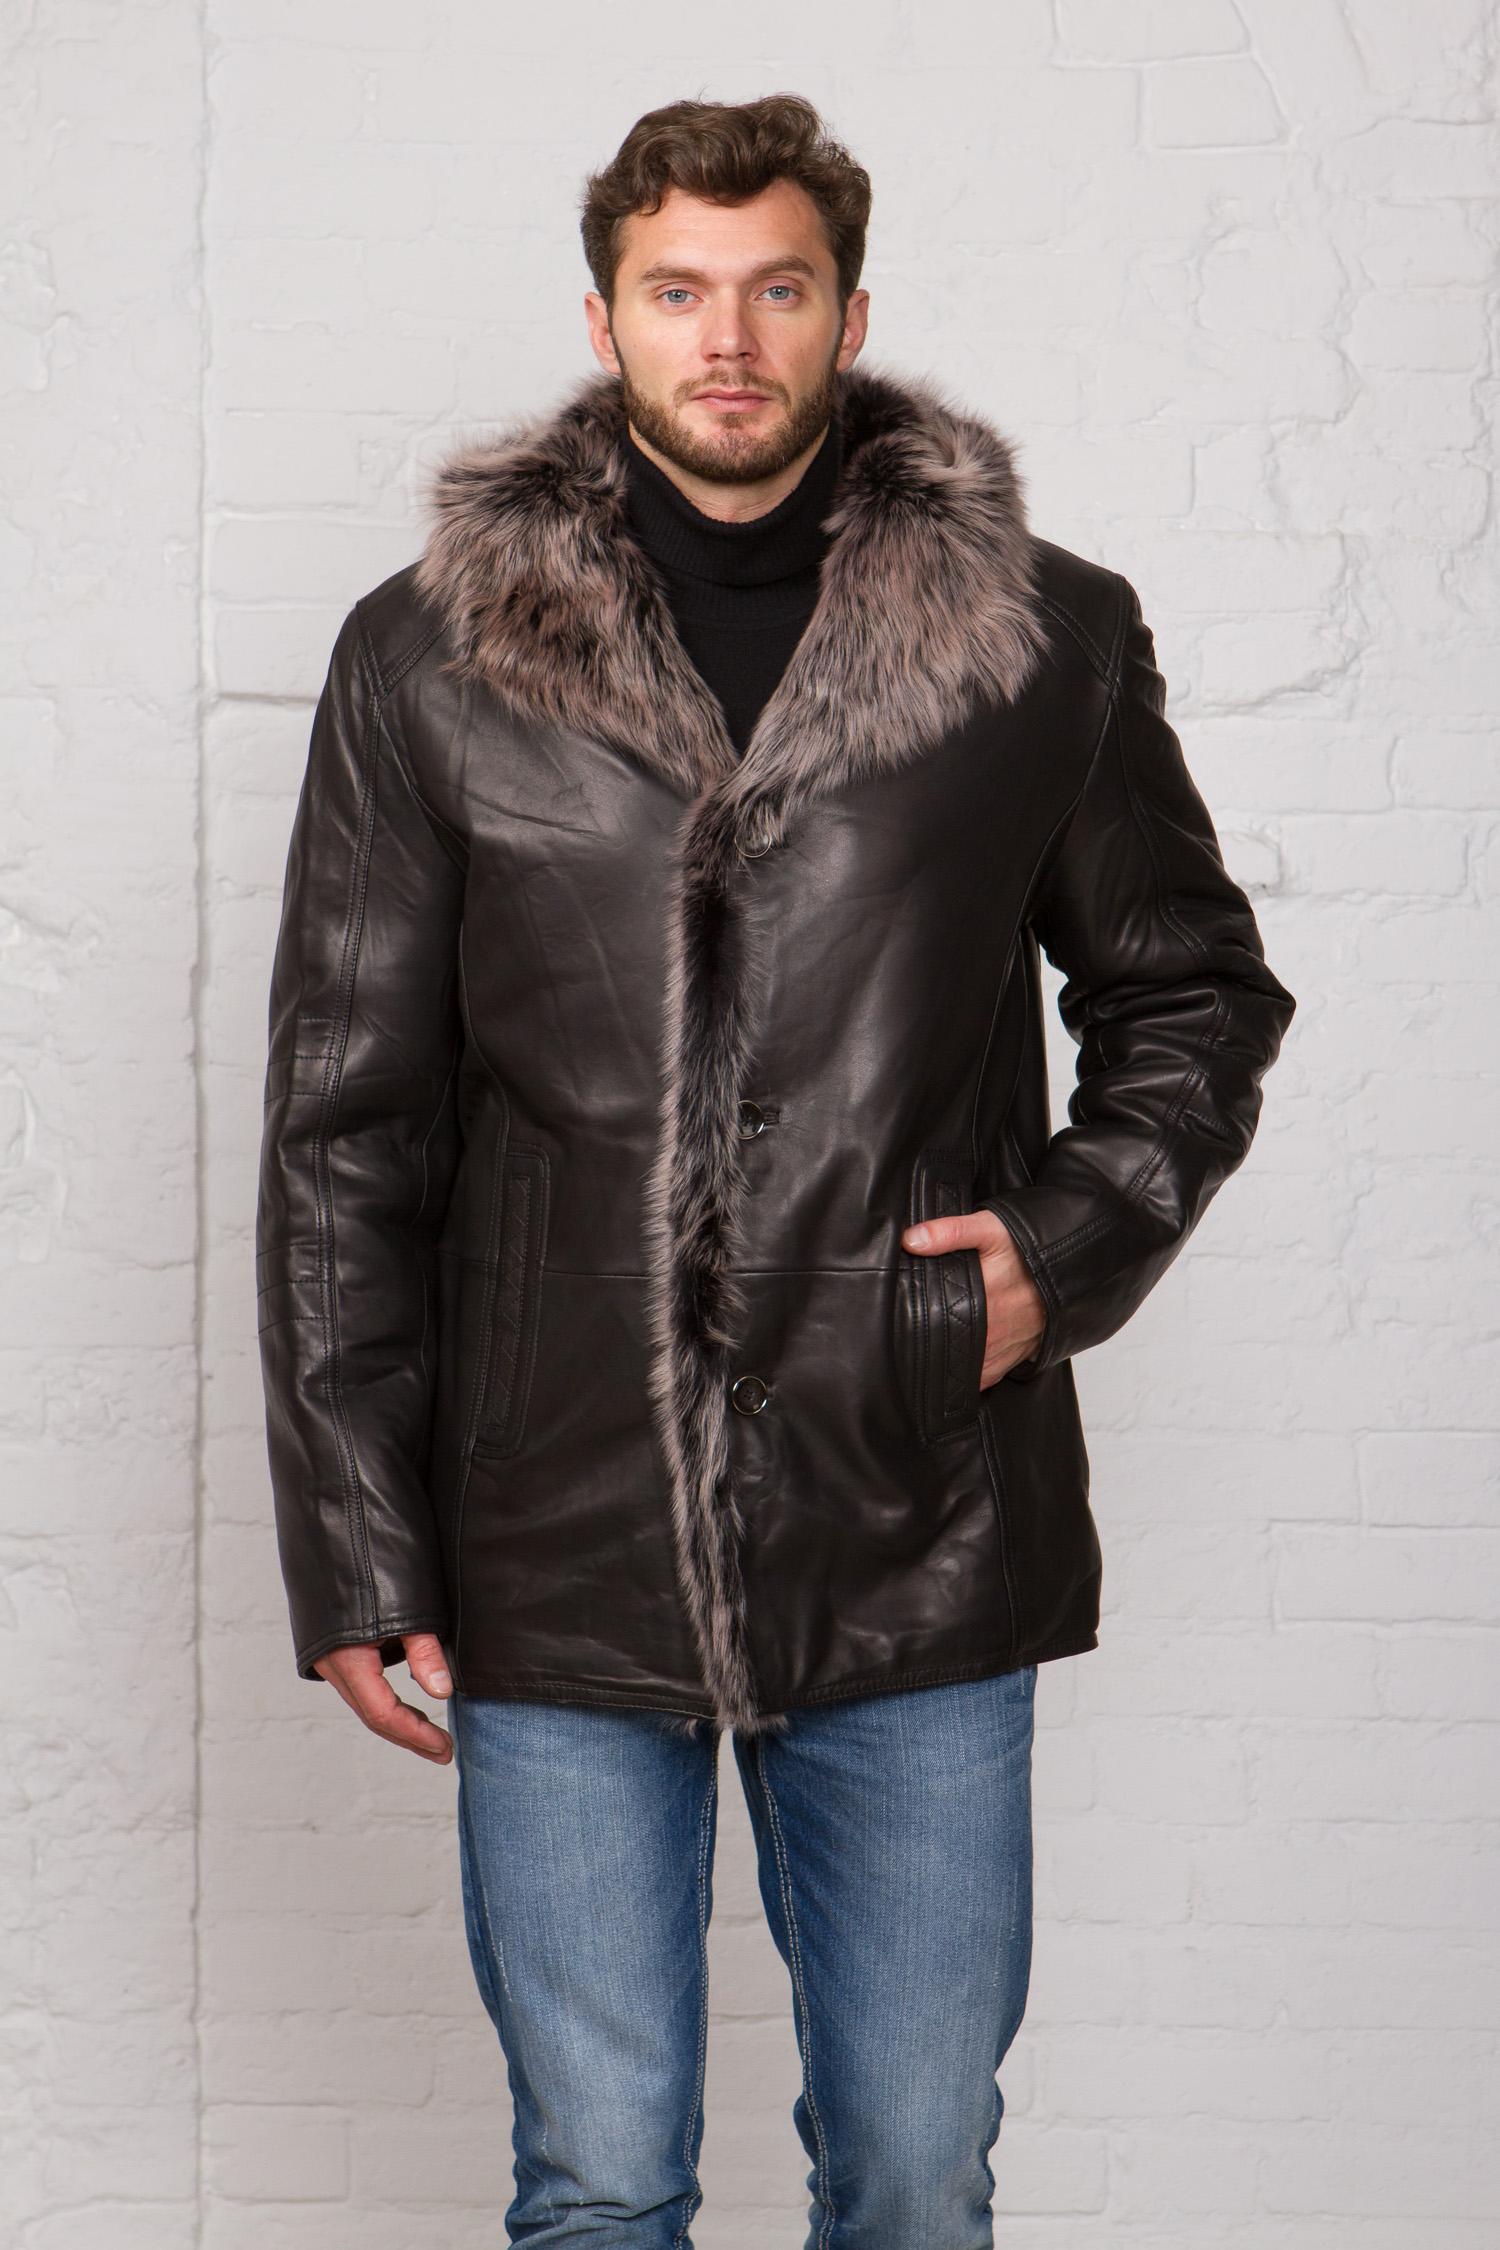 Мужская кожаная куртка из натуральной кожи на меху с капюшоном, отделка тоскана. Производитель: Московская Меховая Компания, артикул: 7505